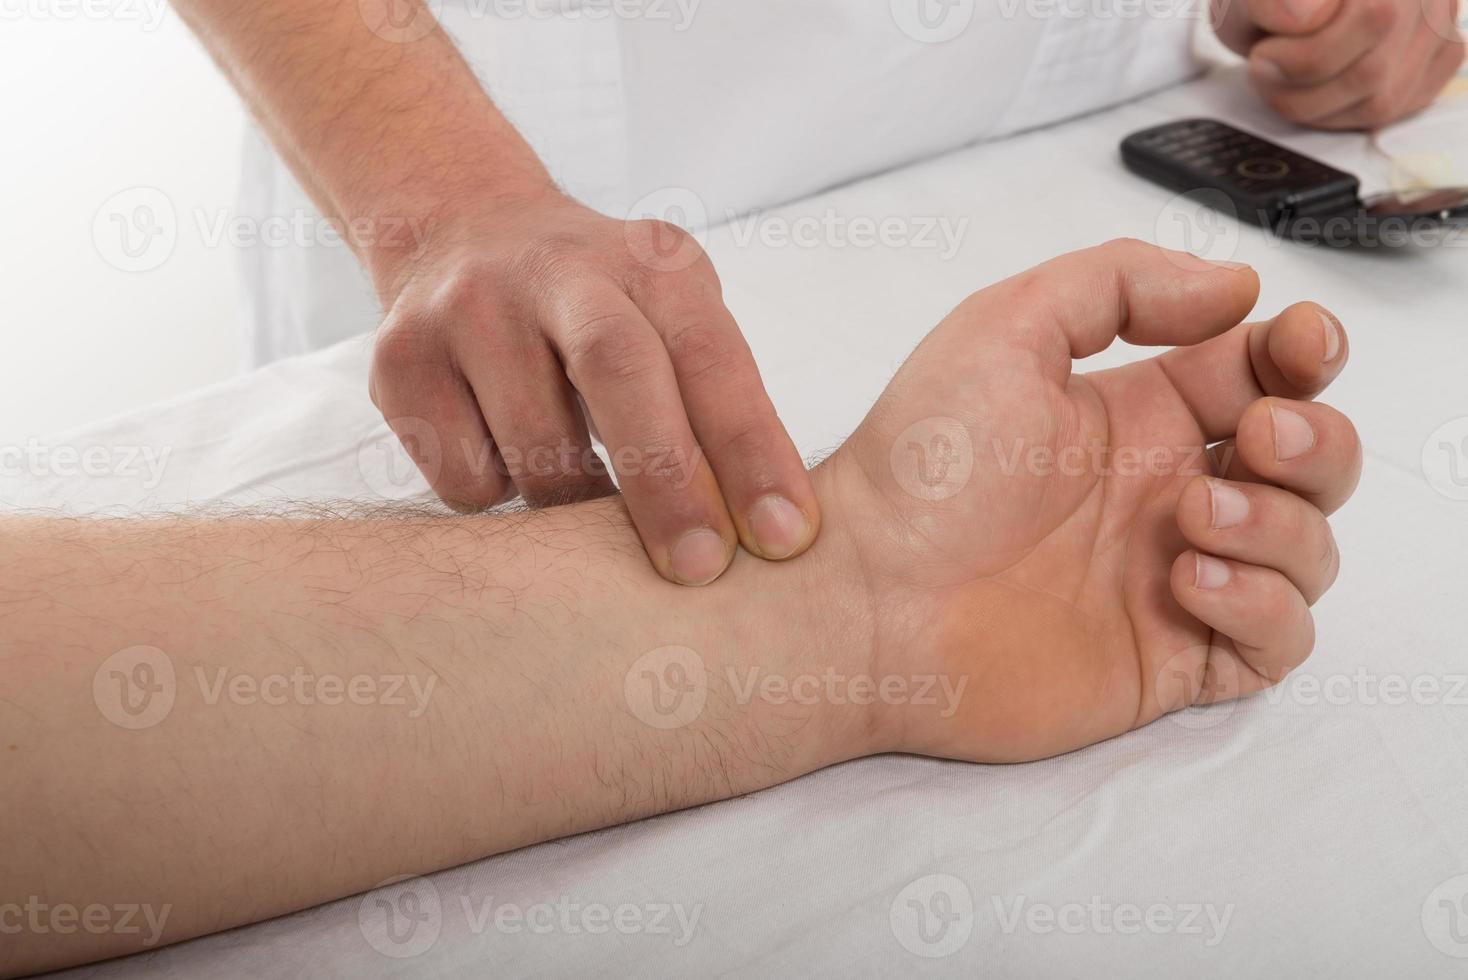 pressione sanguigna foto